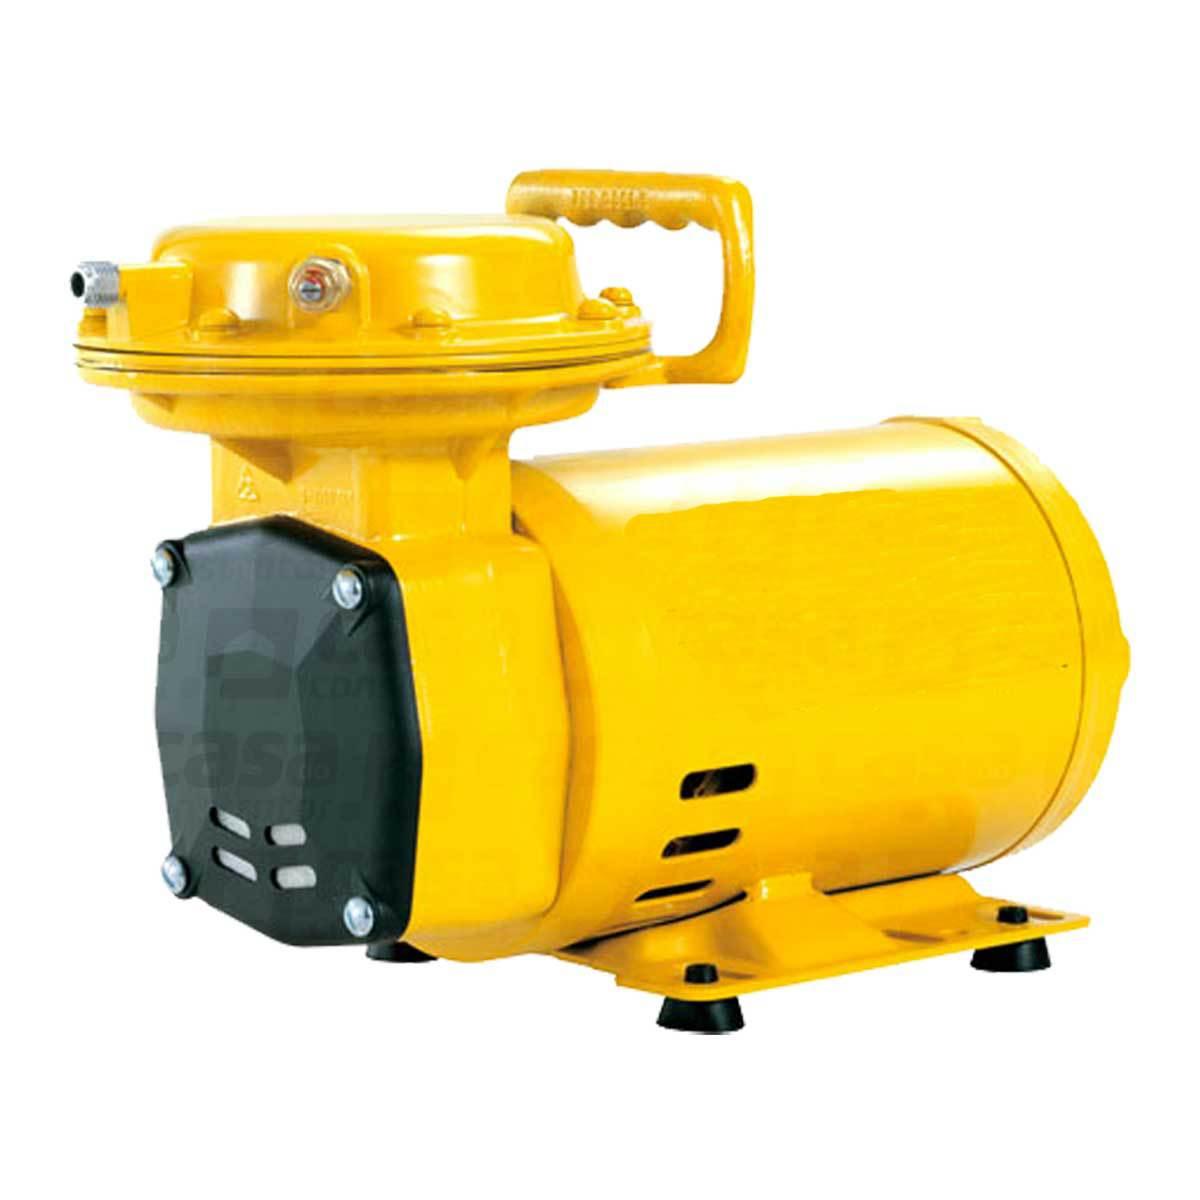 adc40d4d9edeef Compressor de ar direto - Casa do Construtor - Locação Garantida é aqui!